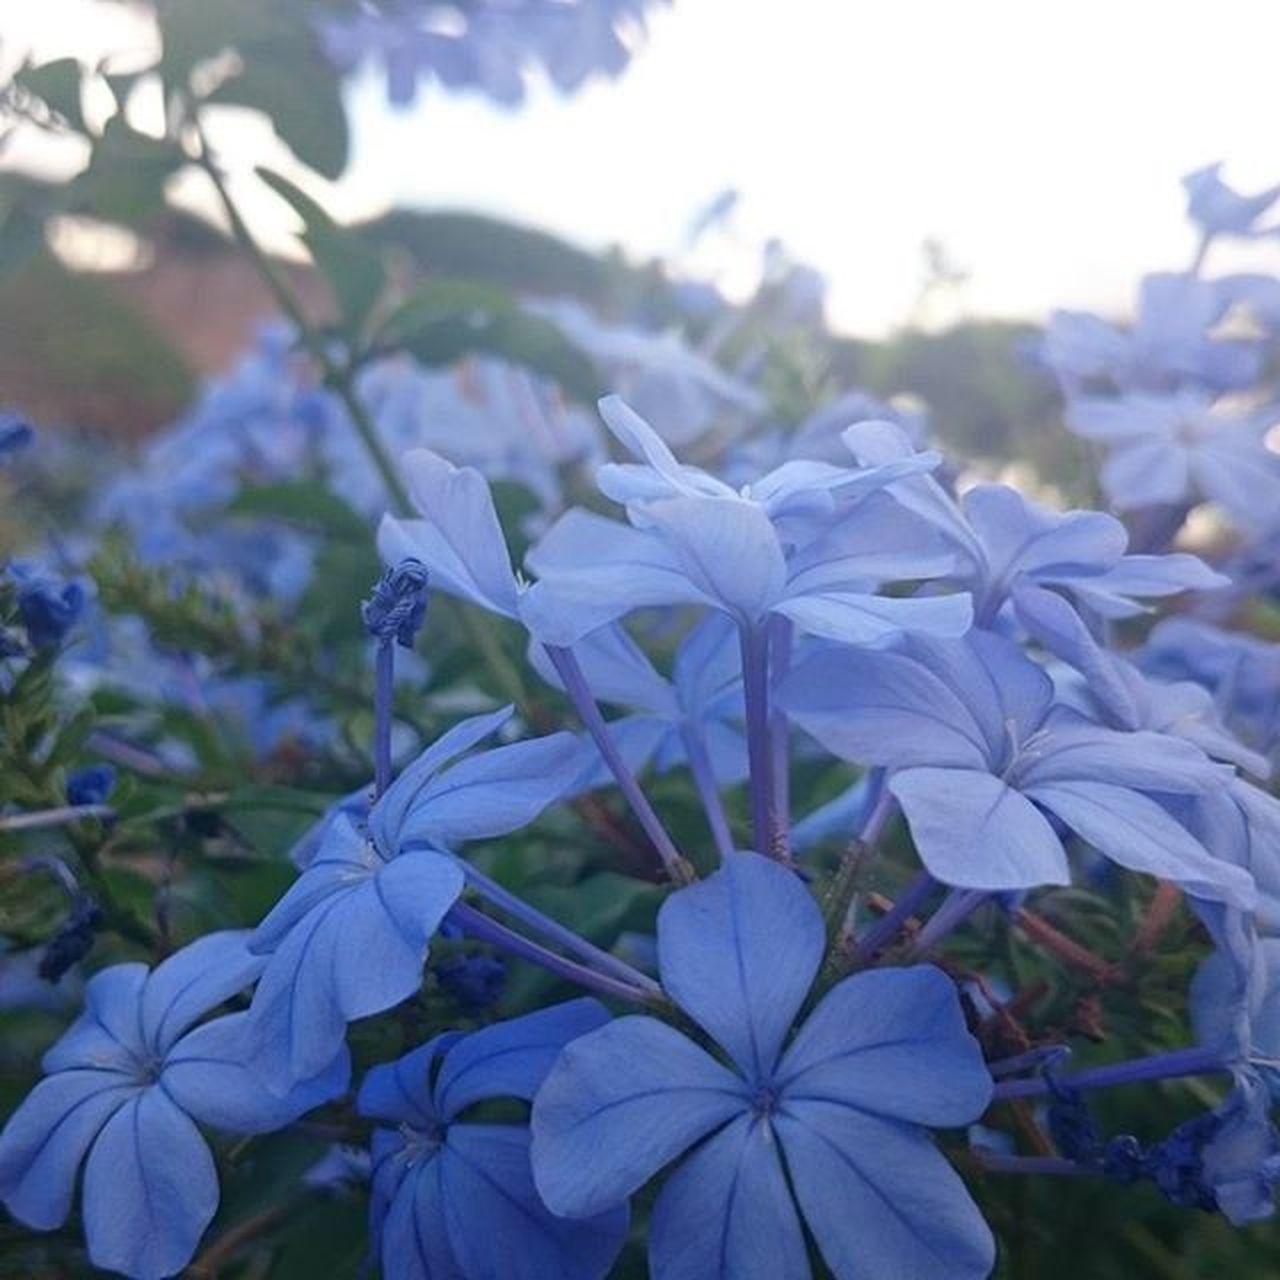 Virag Flower Flowerslovers Kekvirag Naturephotography Nature Naturelovers Naturephotograph Naturephoto Roma Roma Rome Italy Világlegszebbvárosa Visszakellmenni Macro Beauty